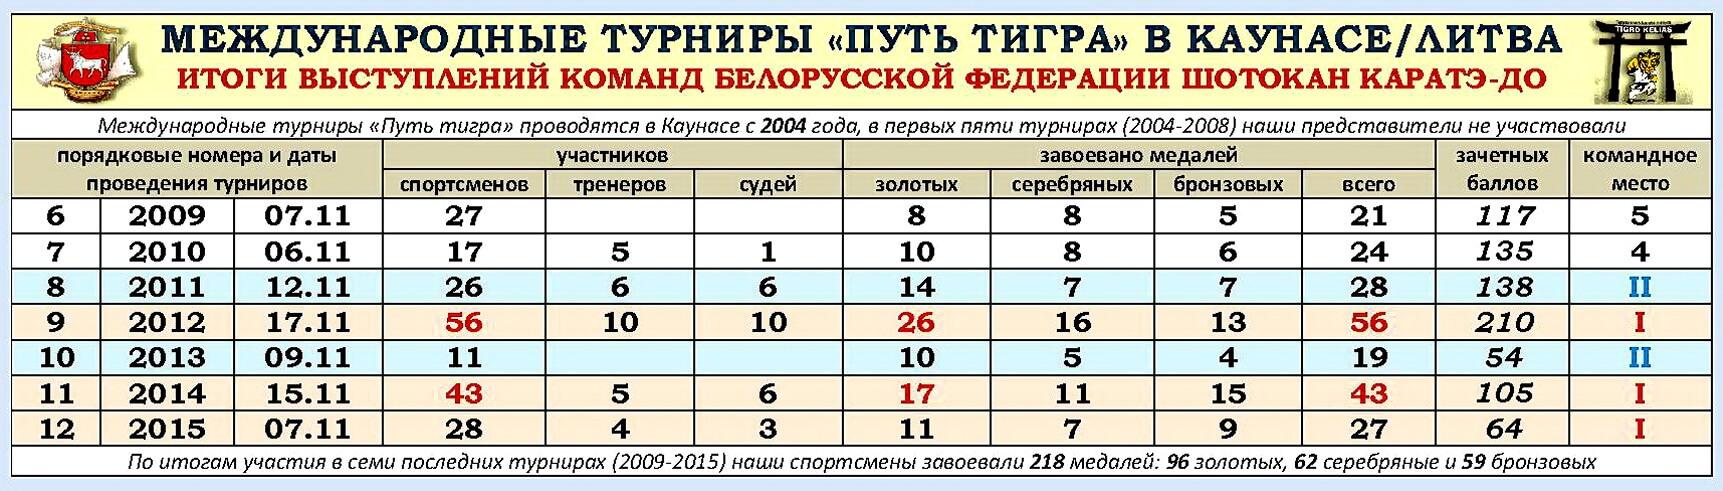 Путь тигра 2009-2015 Участие БФШК